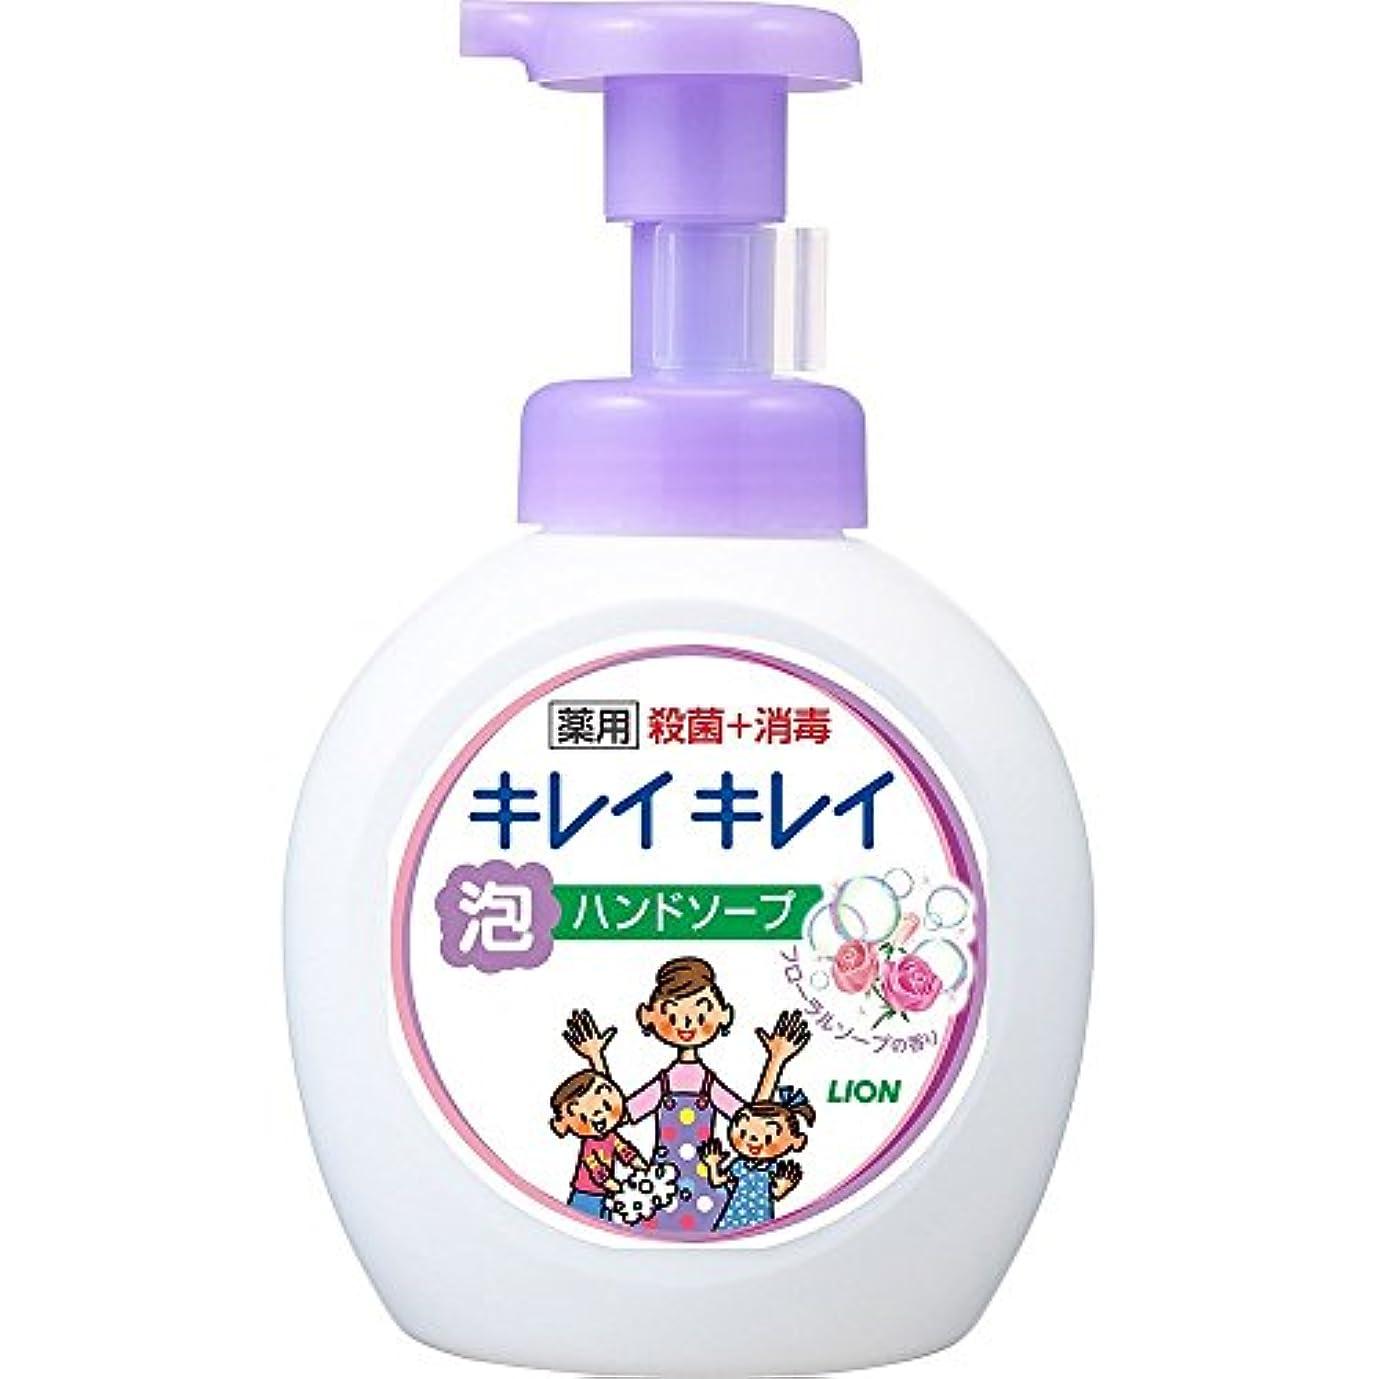 資料逆概してキレイキレイ 薬用 泡ハンドソープ フローラルソープの香り 本体ポンプ 大型サイズ 500ml(医薬部外品)